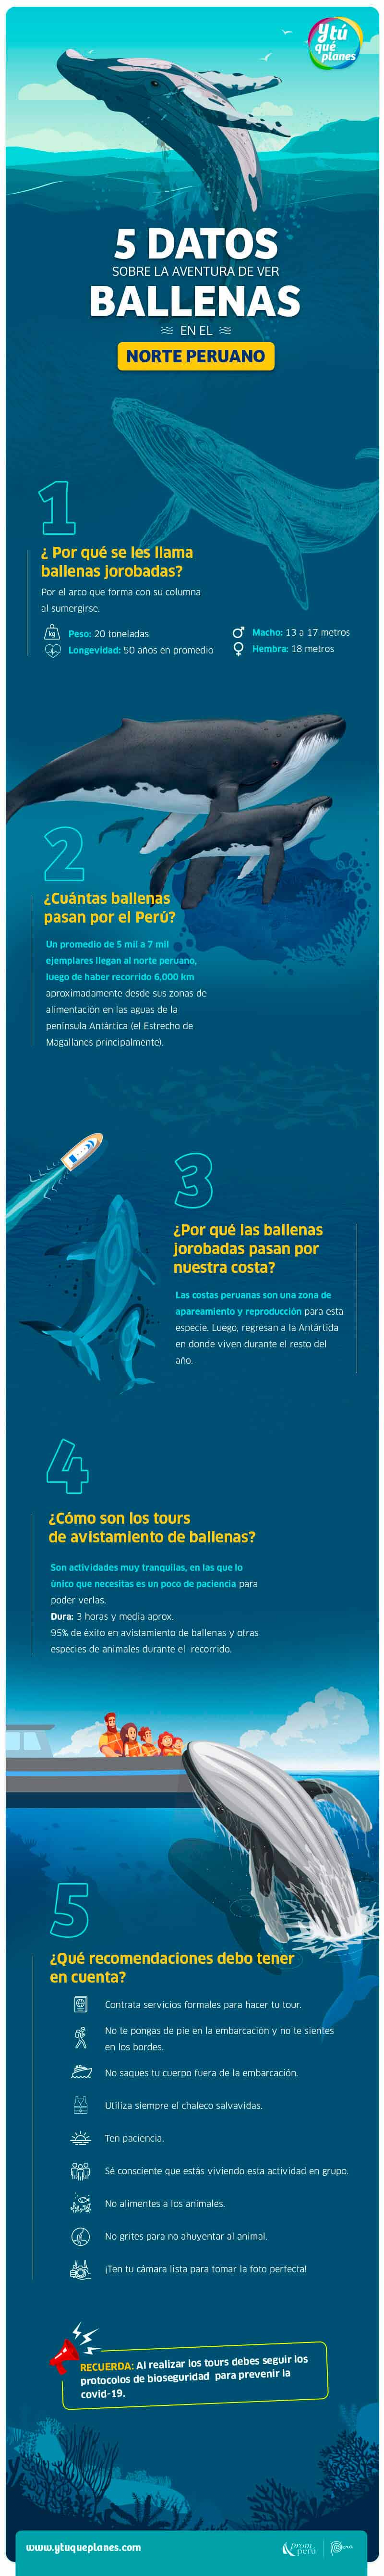 5 datos sobre Avistamiento de Ballenas